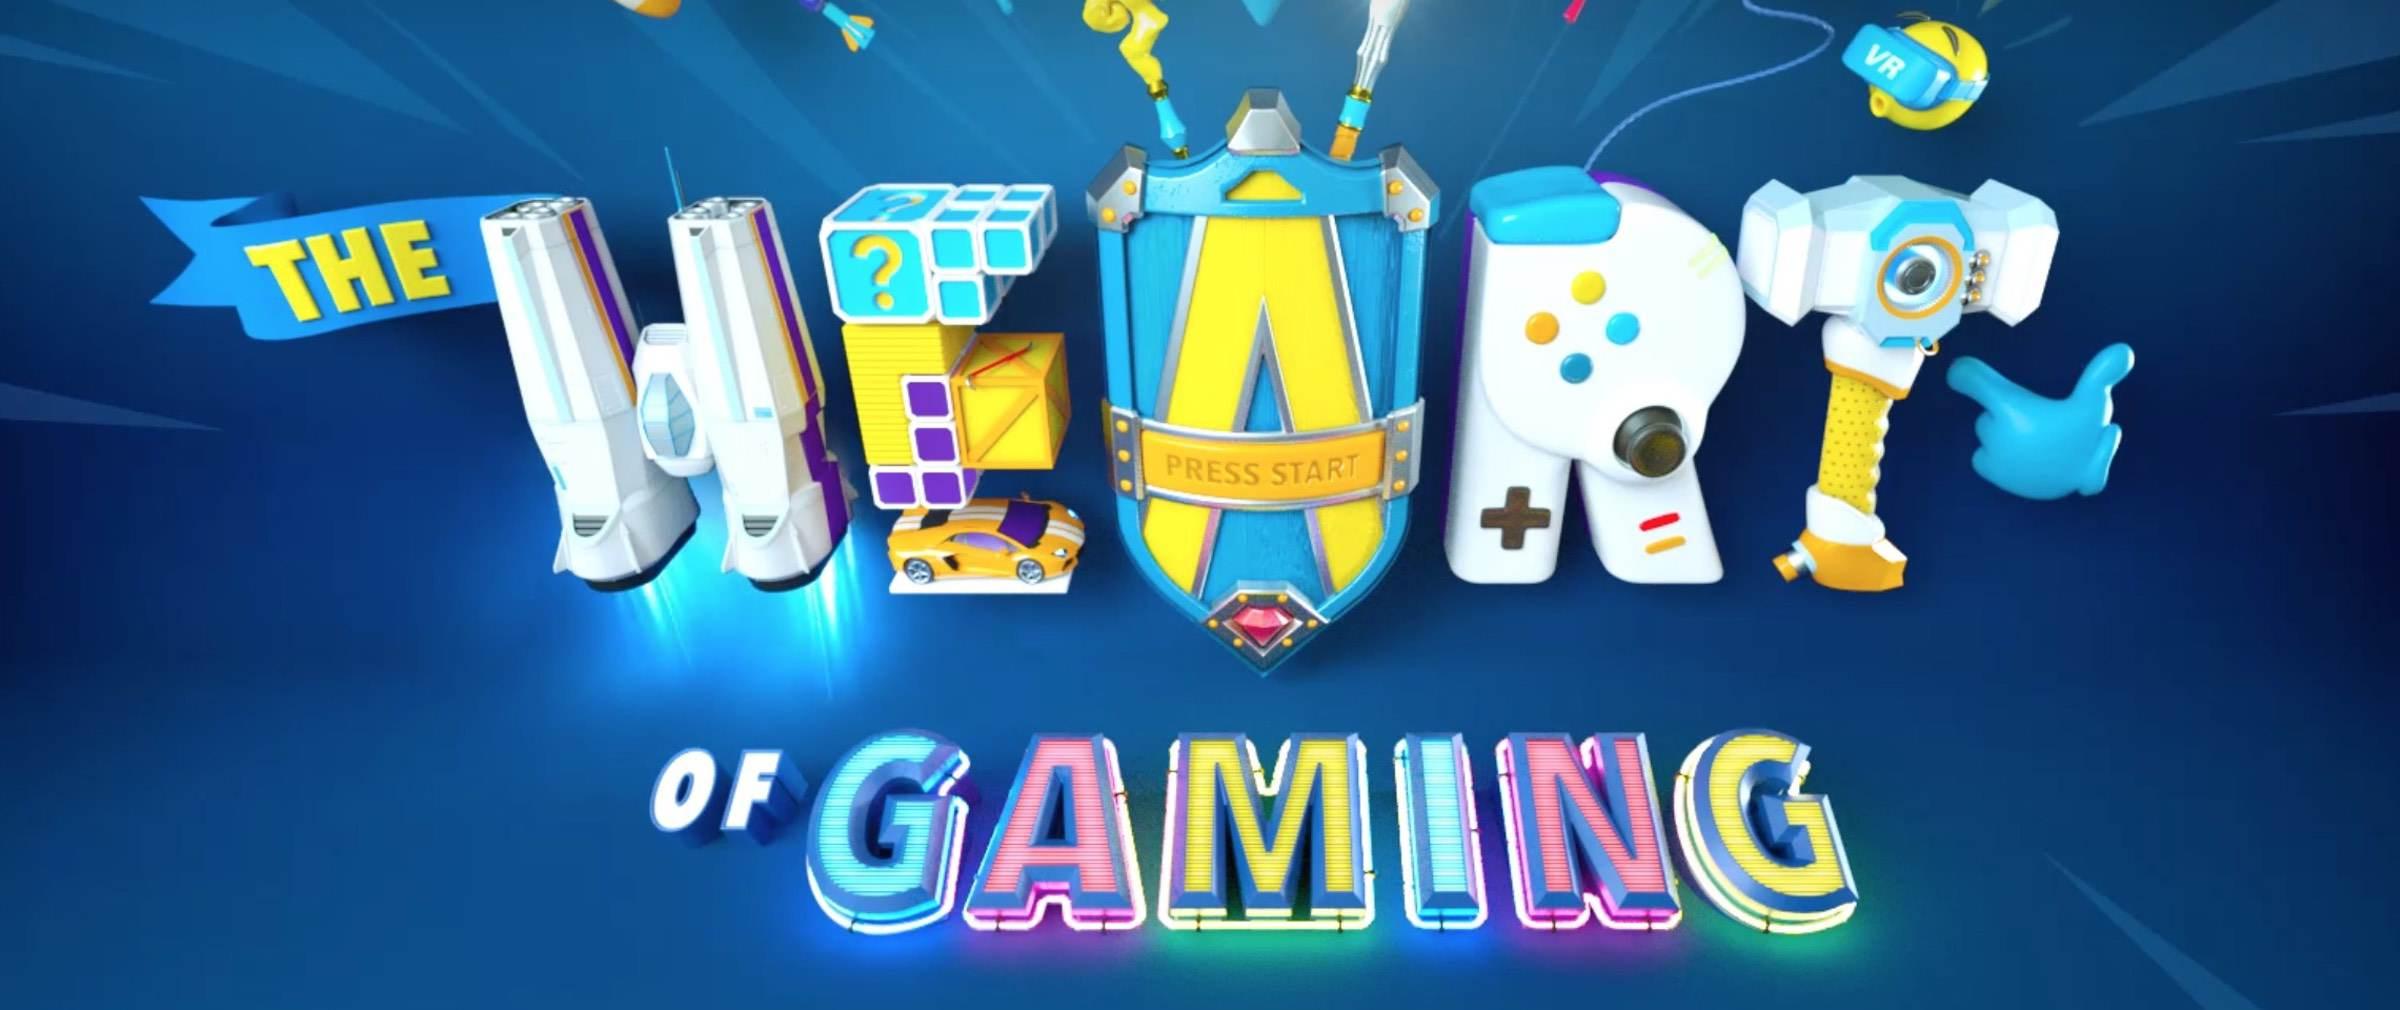 gamescom 2019: Opening Night Live Event mit über 25 Spielen